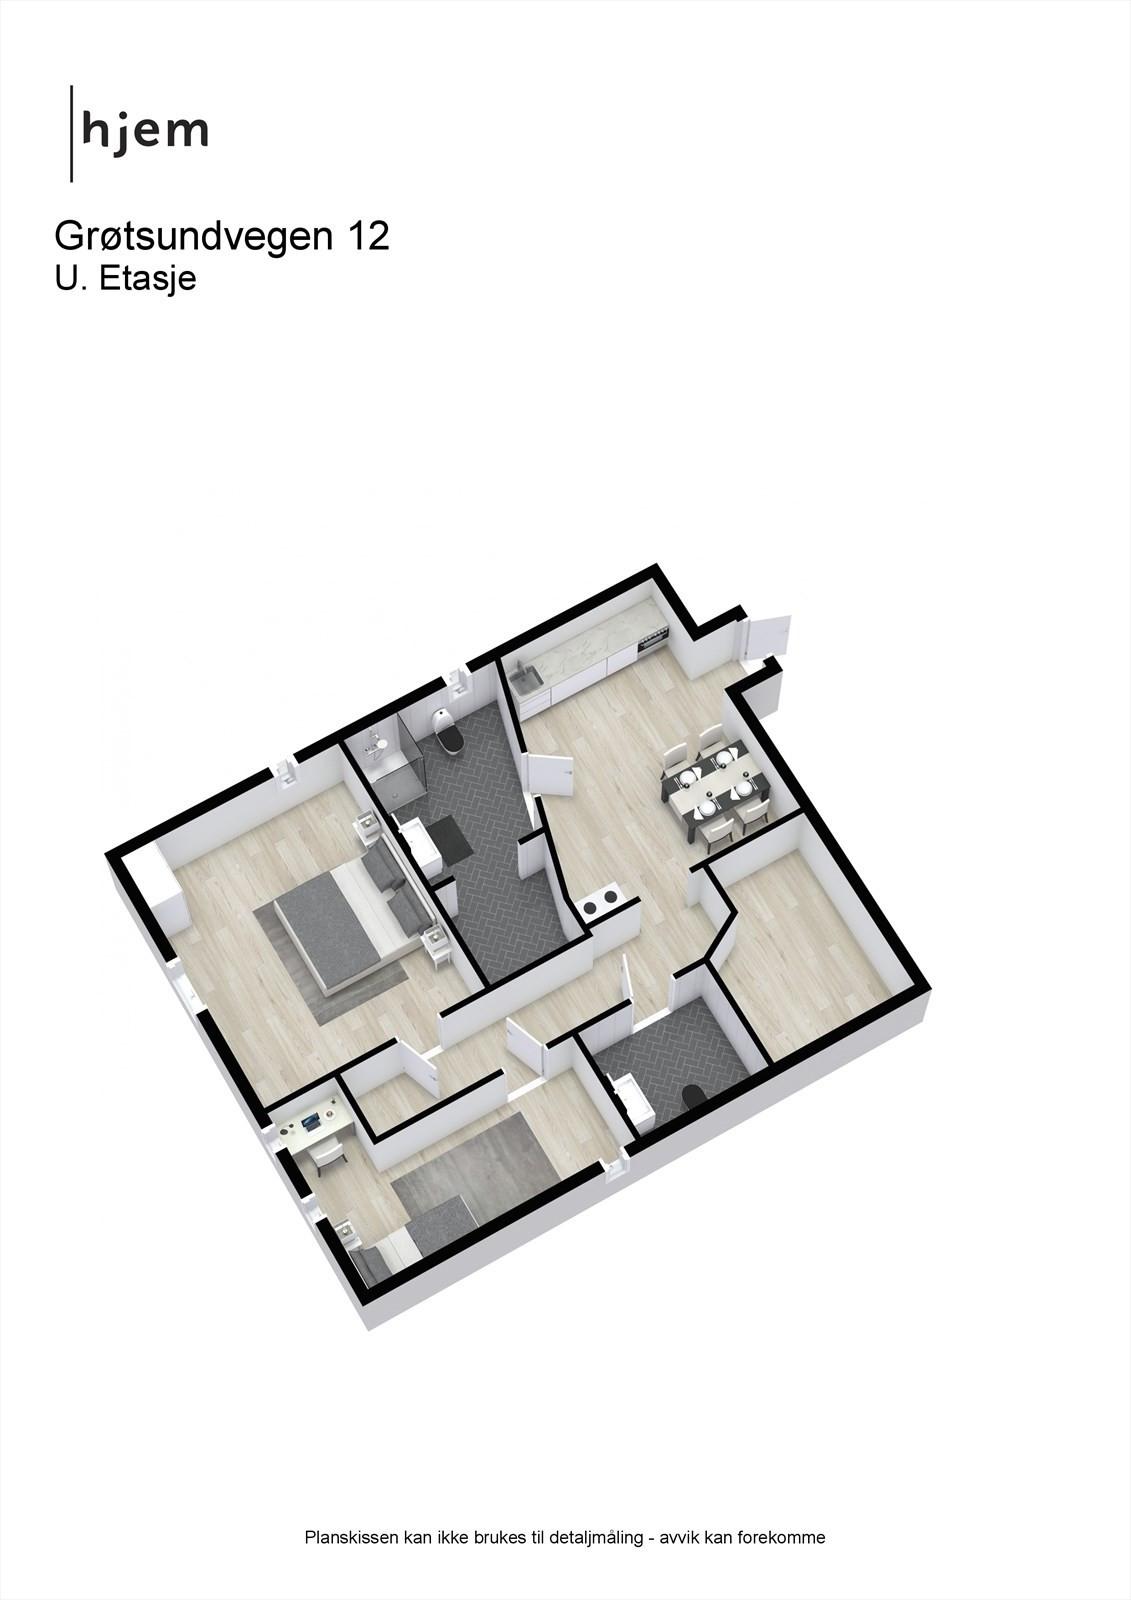 Plantegning 3d, u. etasje